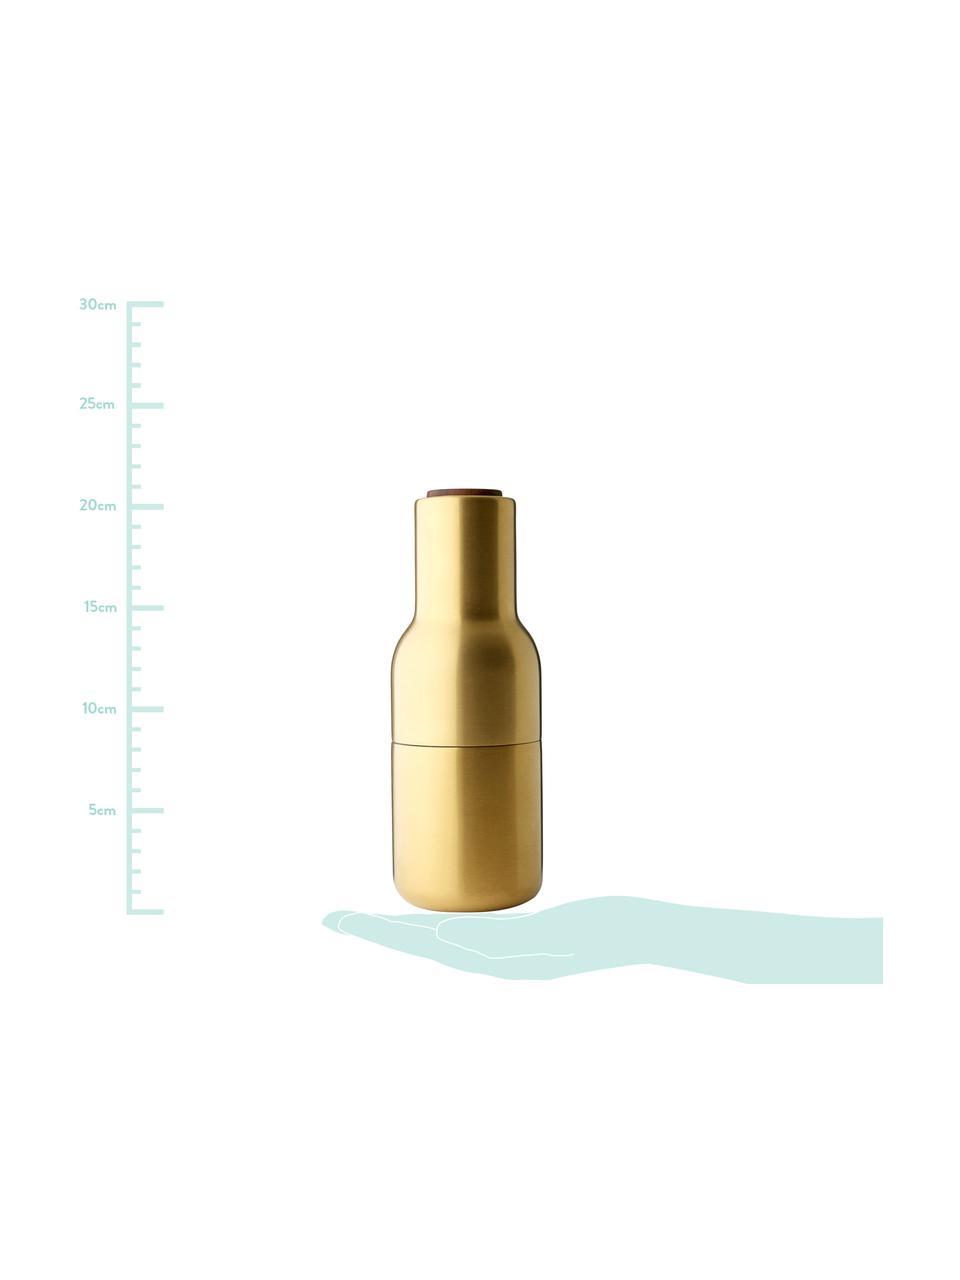 Designer Salz- & Pfeffermühle Bottle Grinder in Gold mit Walnussholzdeckel, Korpus: Stahl, vermessingt und ge, Mahlwerk: Keramik, Deckel: Walnussbaumholz, Messingfarben, Ø 8 x H 21 cm